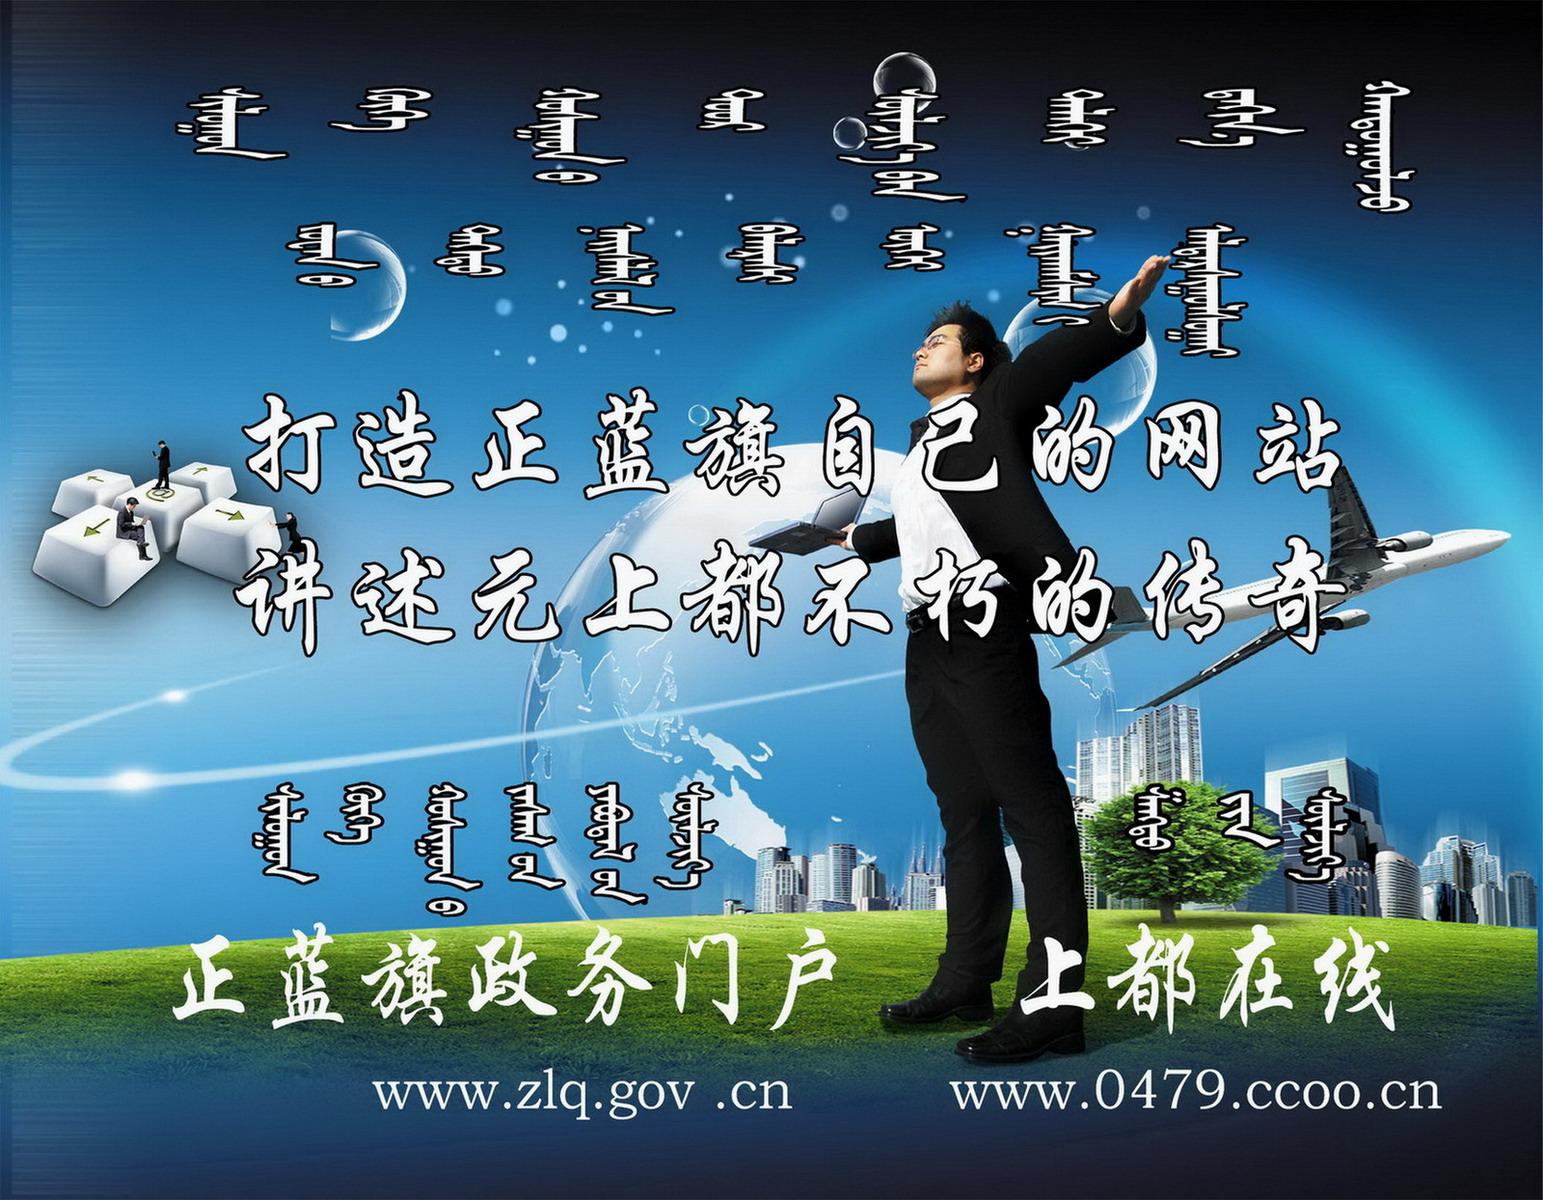 通过锡林郭勒日报,上都新闻报,正蓝旗电视台,旗政府网站,上都在线等媒